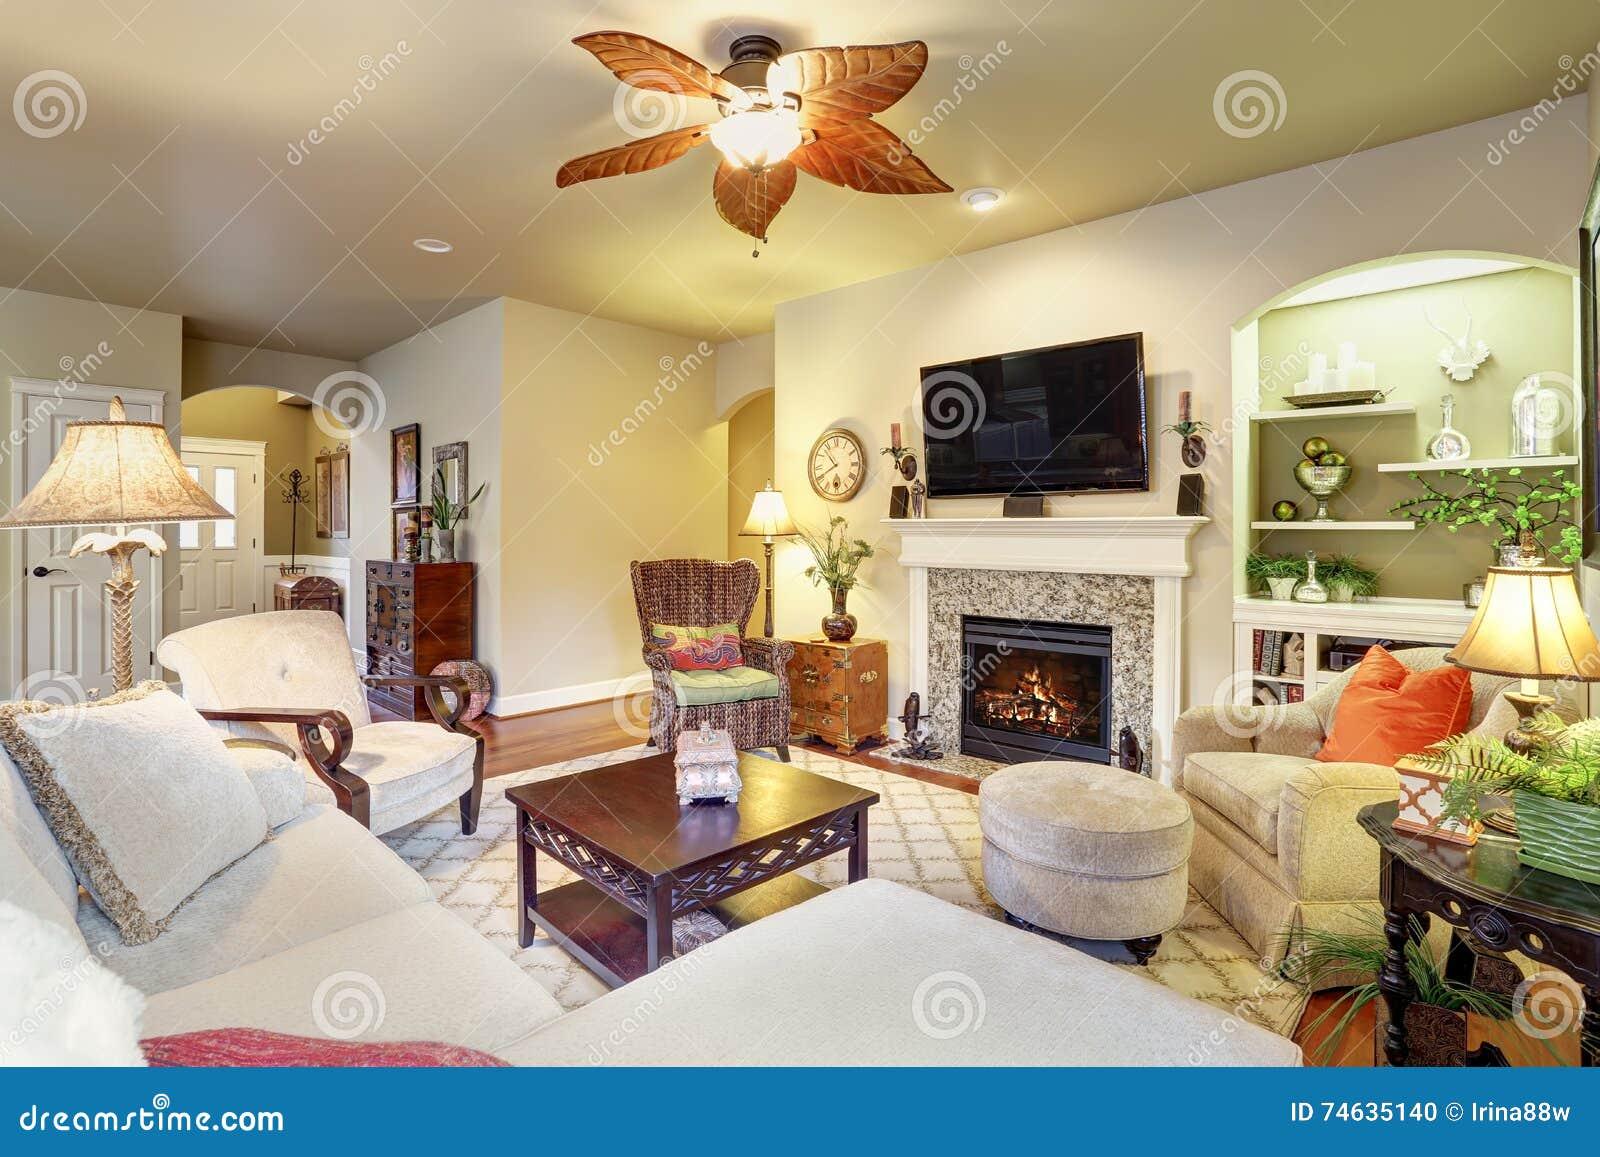 Gemütliches Wohnzimmer Mit Kamin Und Wolldecke Stockfoto - Bild von ...